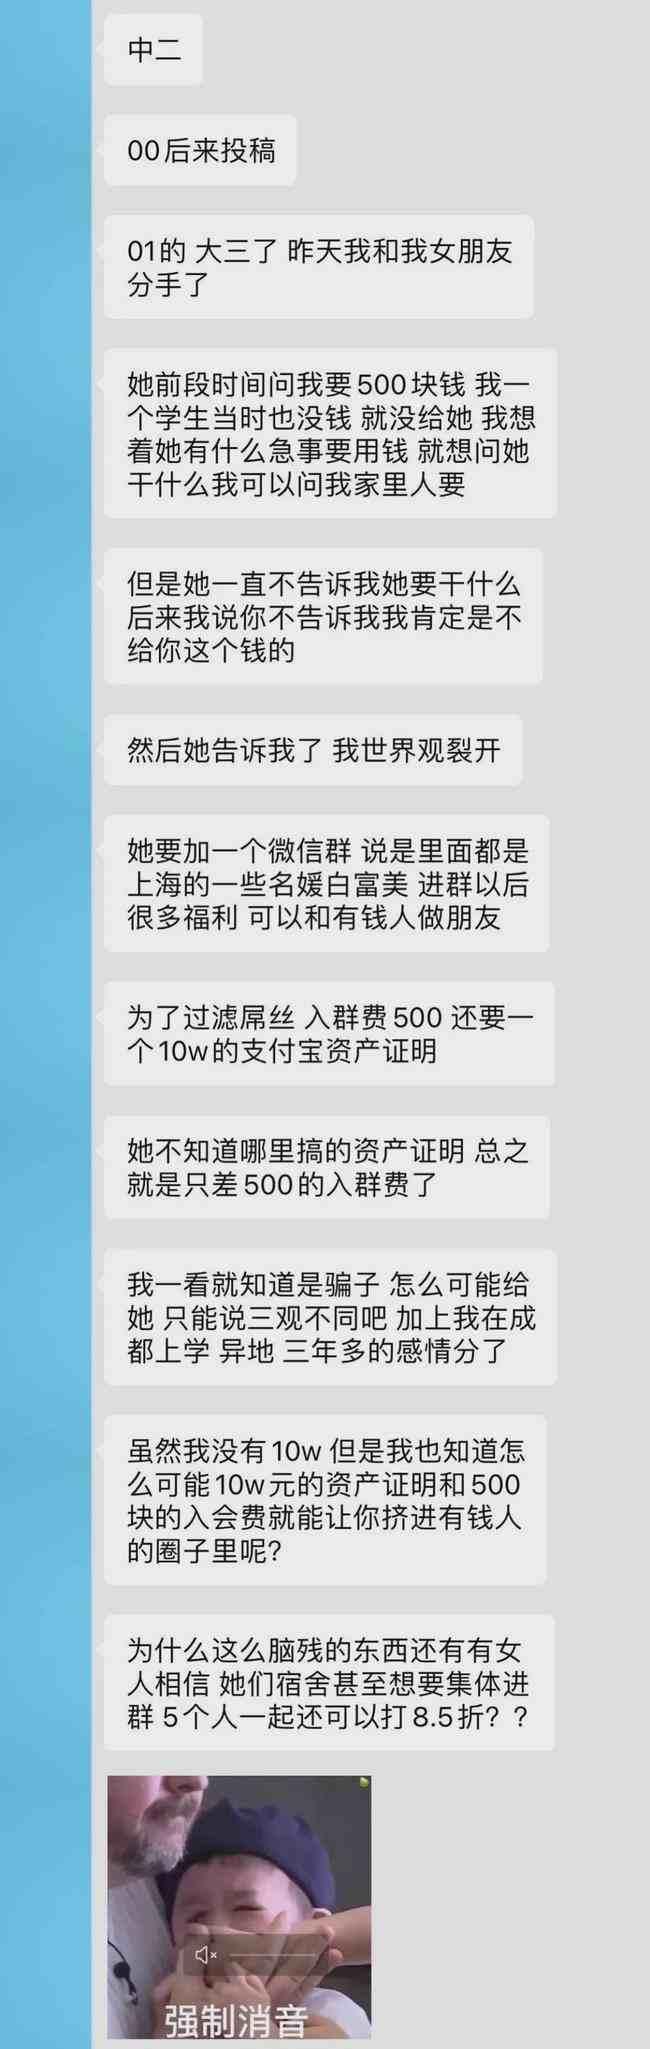 """《潜伏上海""""名媛""""群》一文作者被踢出群"""